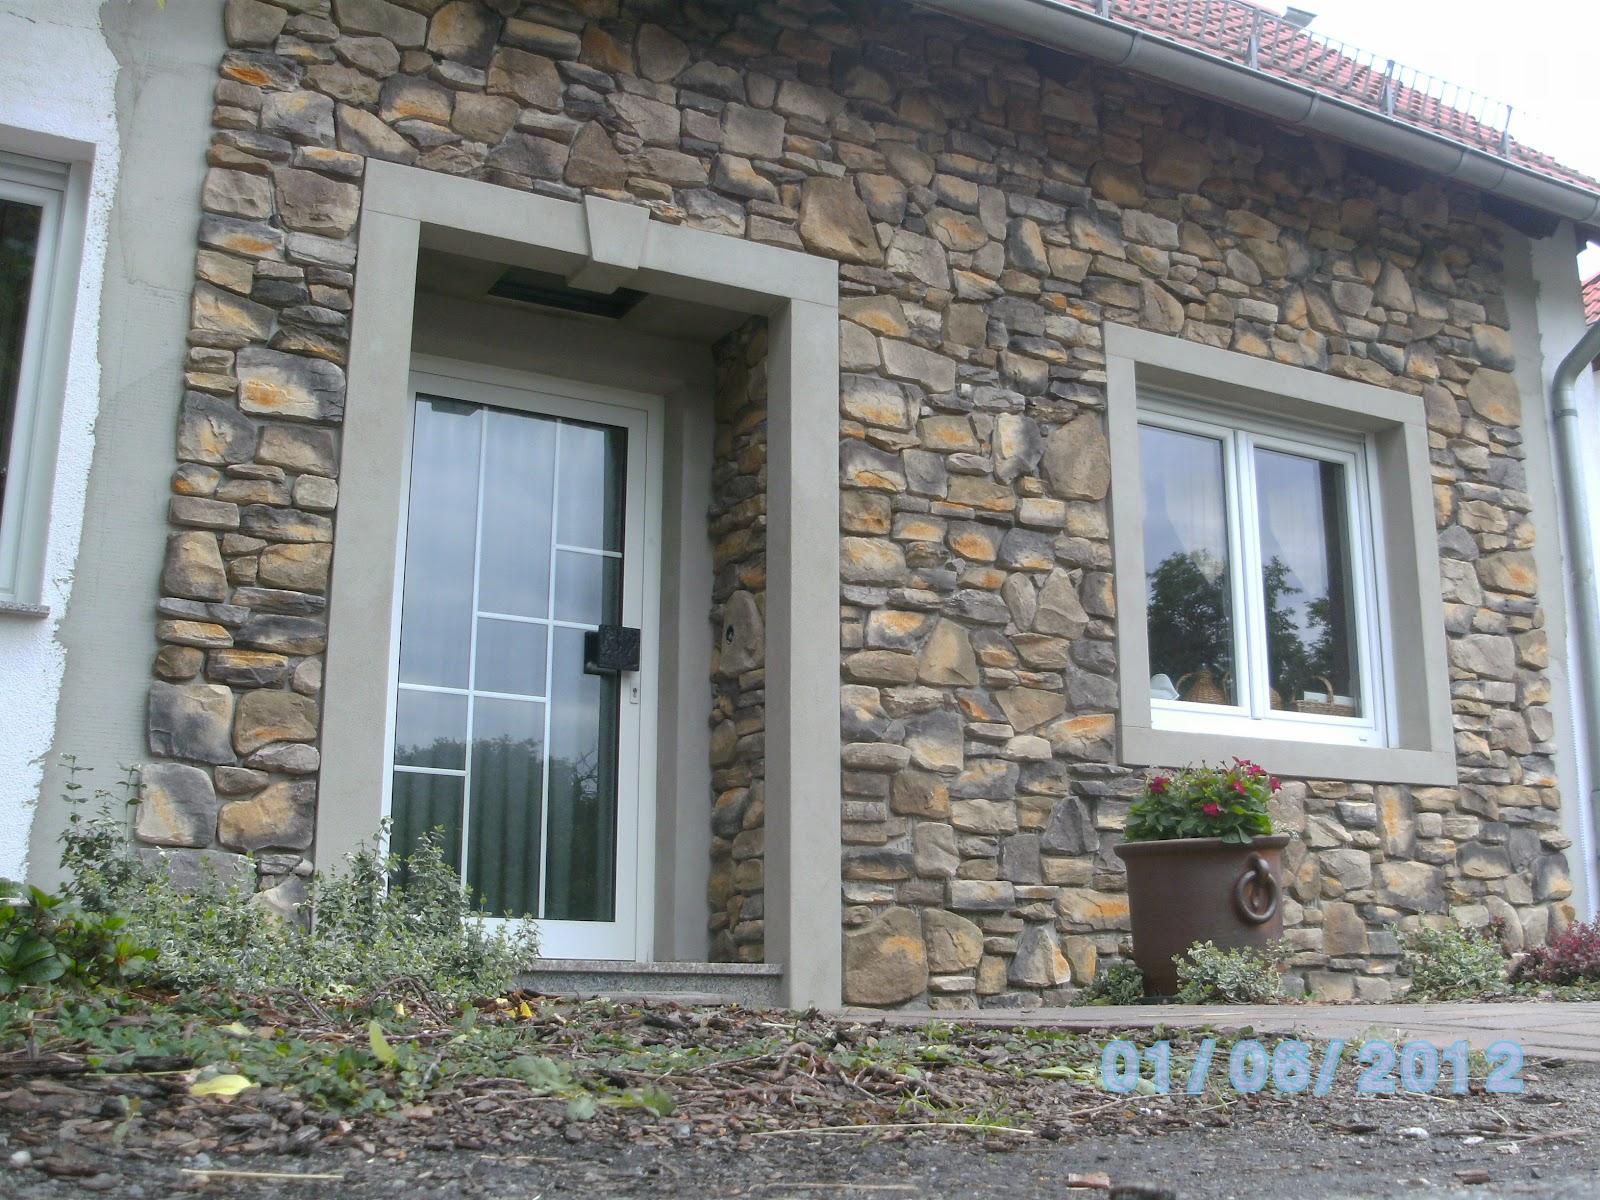 Stein Fliese Aktuell Fassadenverkleidung Schritt Fur Schritt